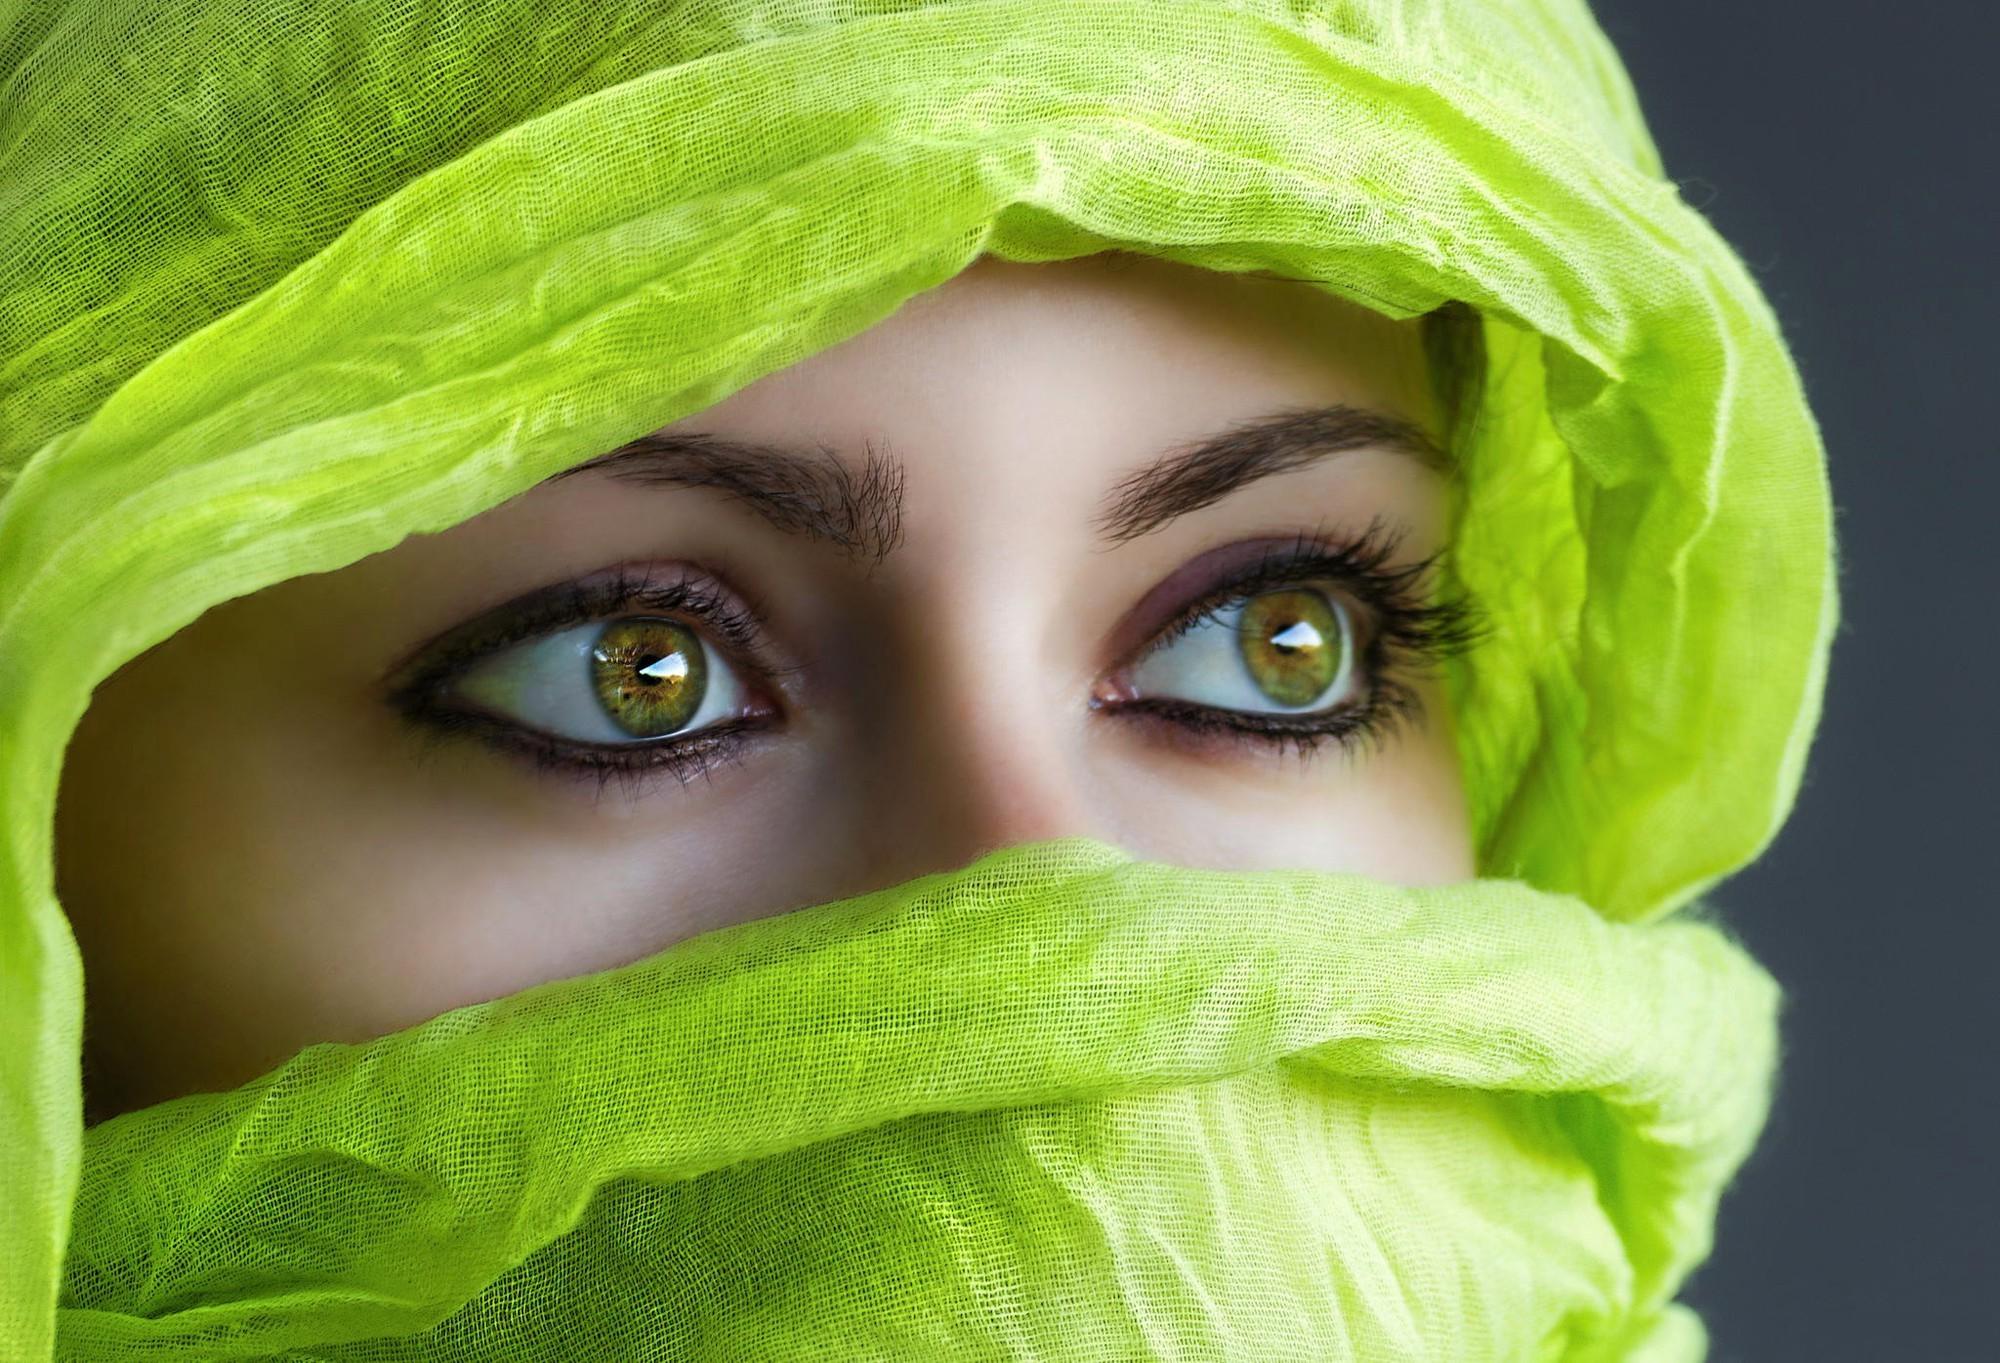 картинки какие у тебя красивые глаза скрапбукинге, для